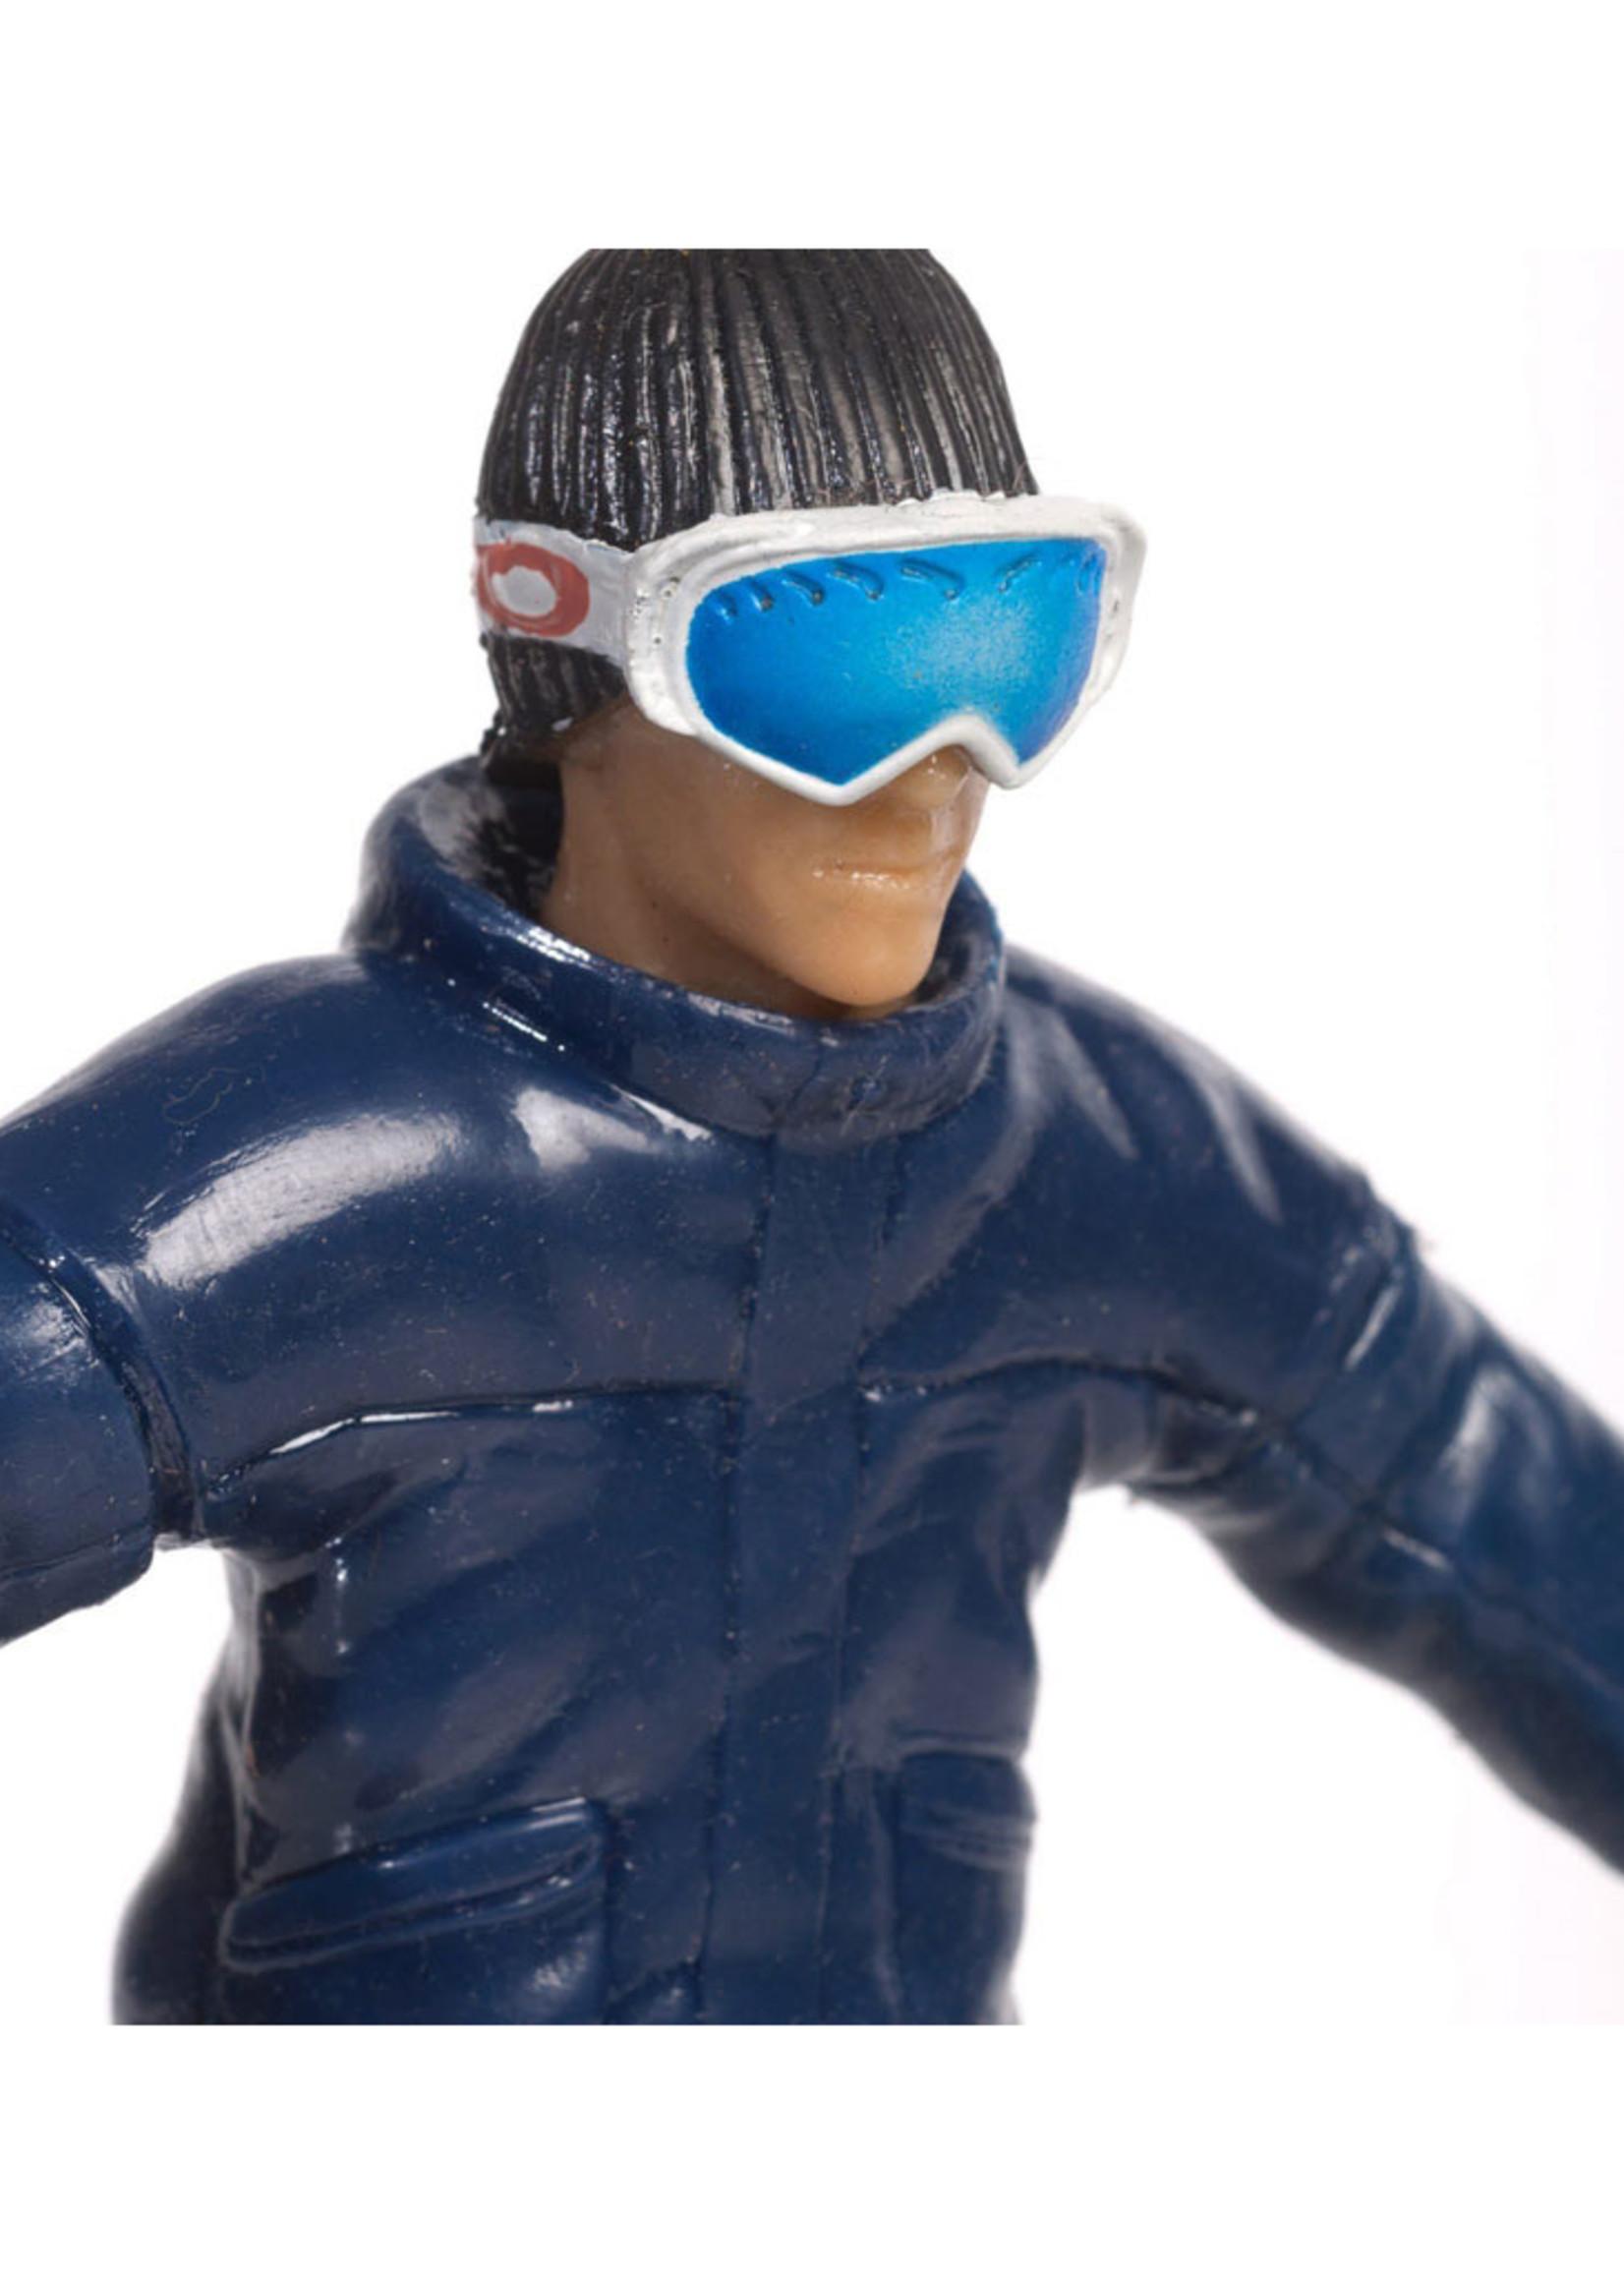 Techrider Techrider Terje Haakonsen flexible Snowboardpuppe